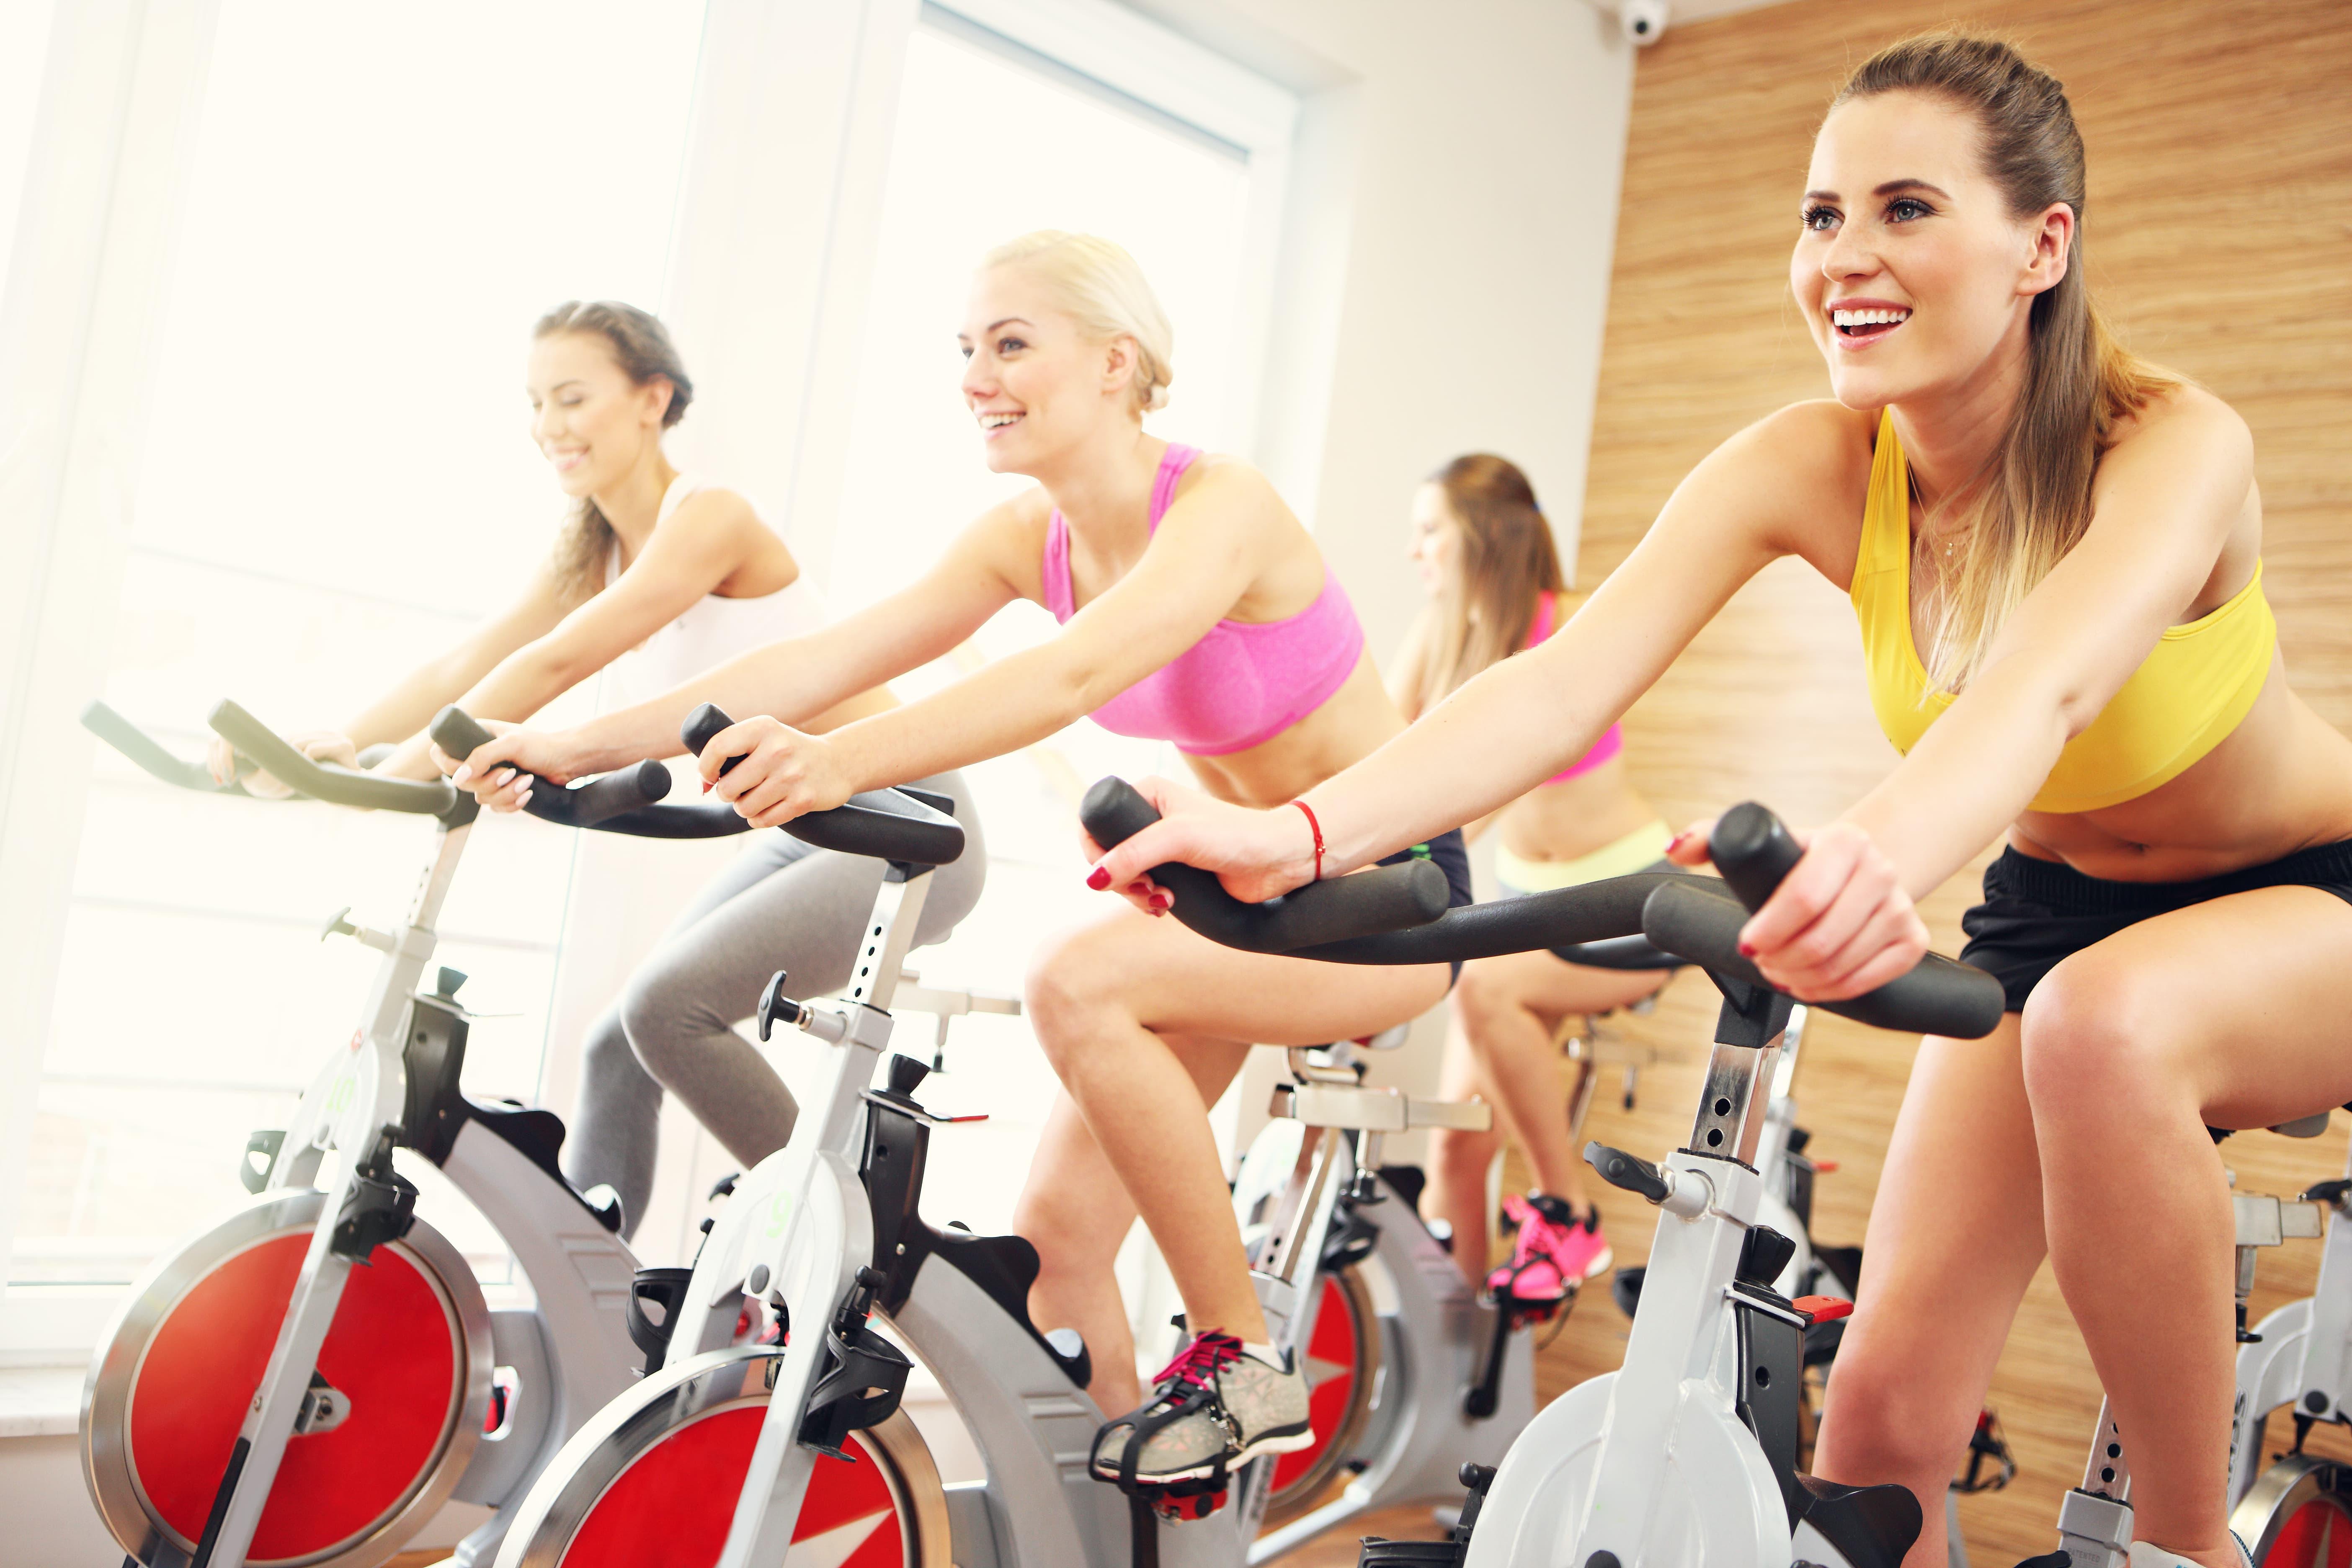 5 Claves para perder grasa de inmediato con spinning